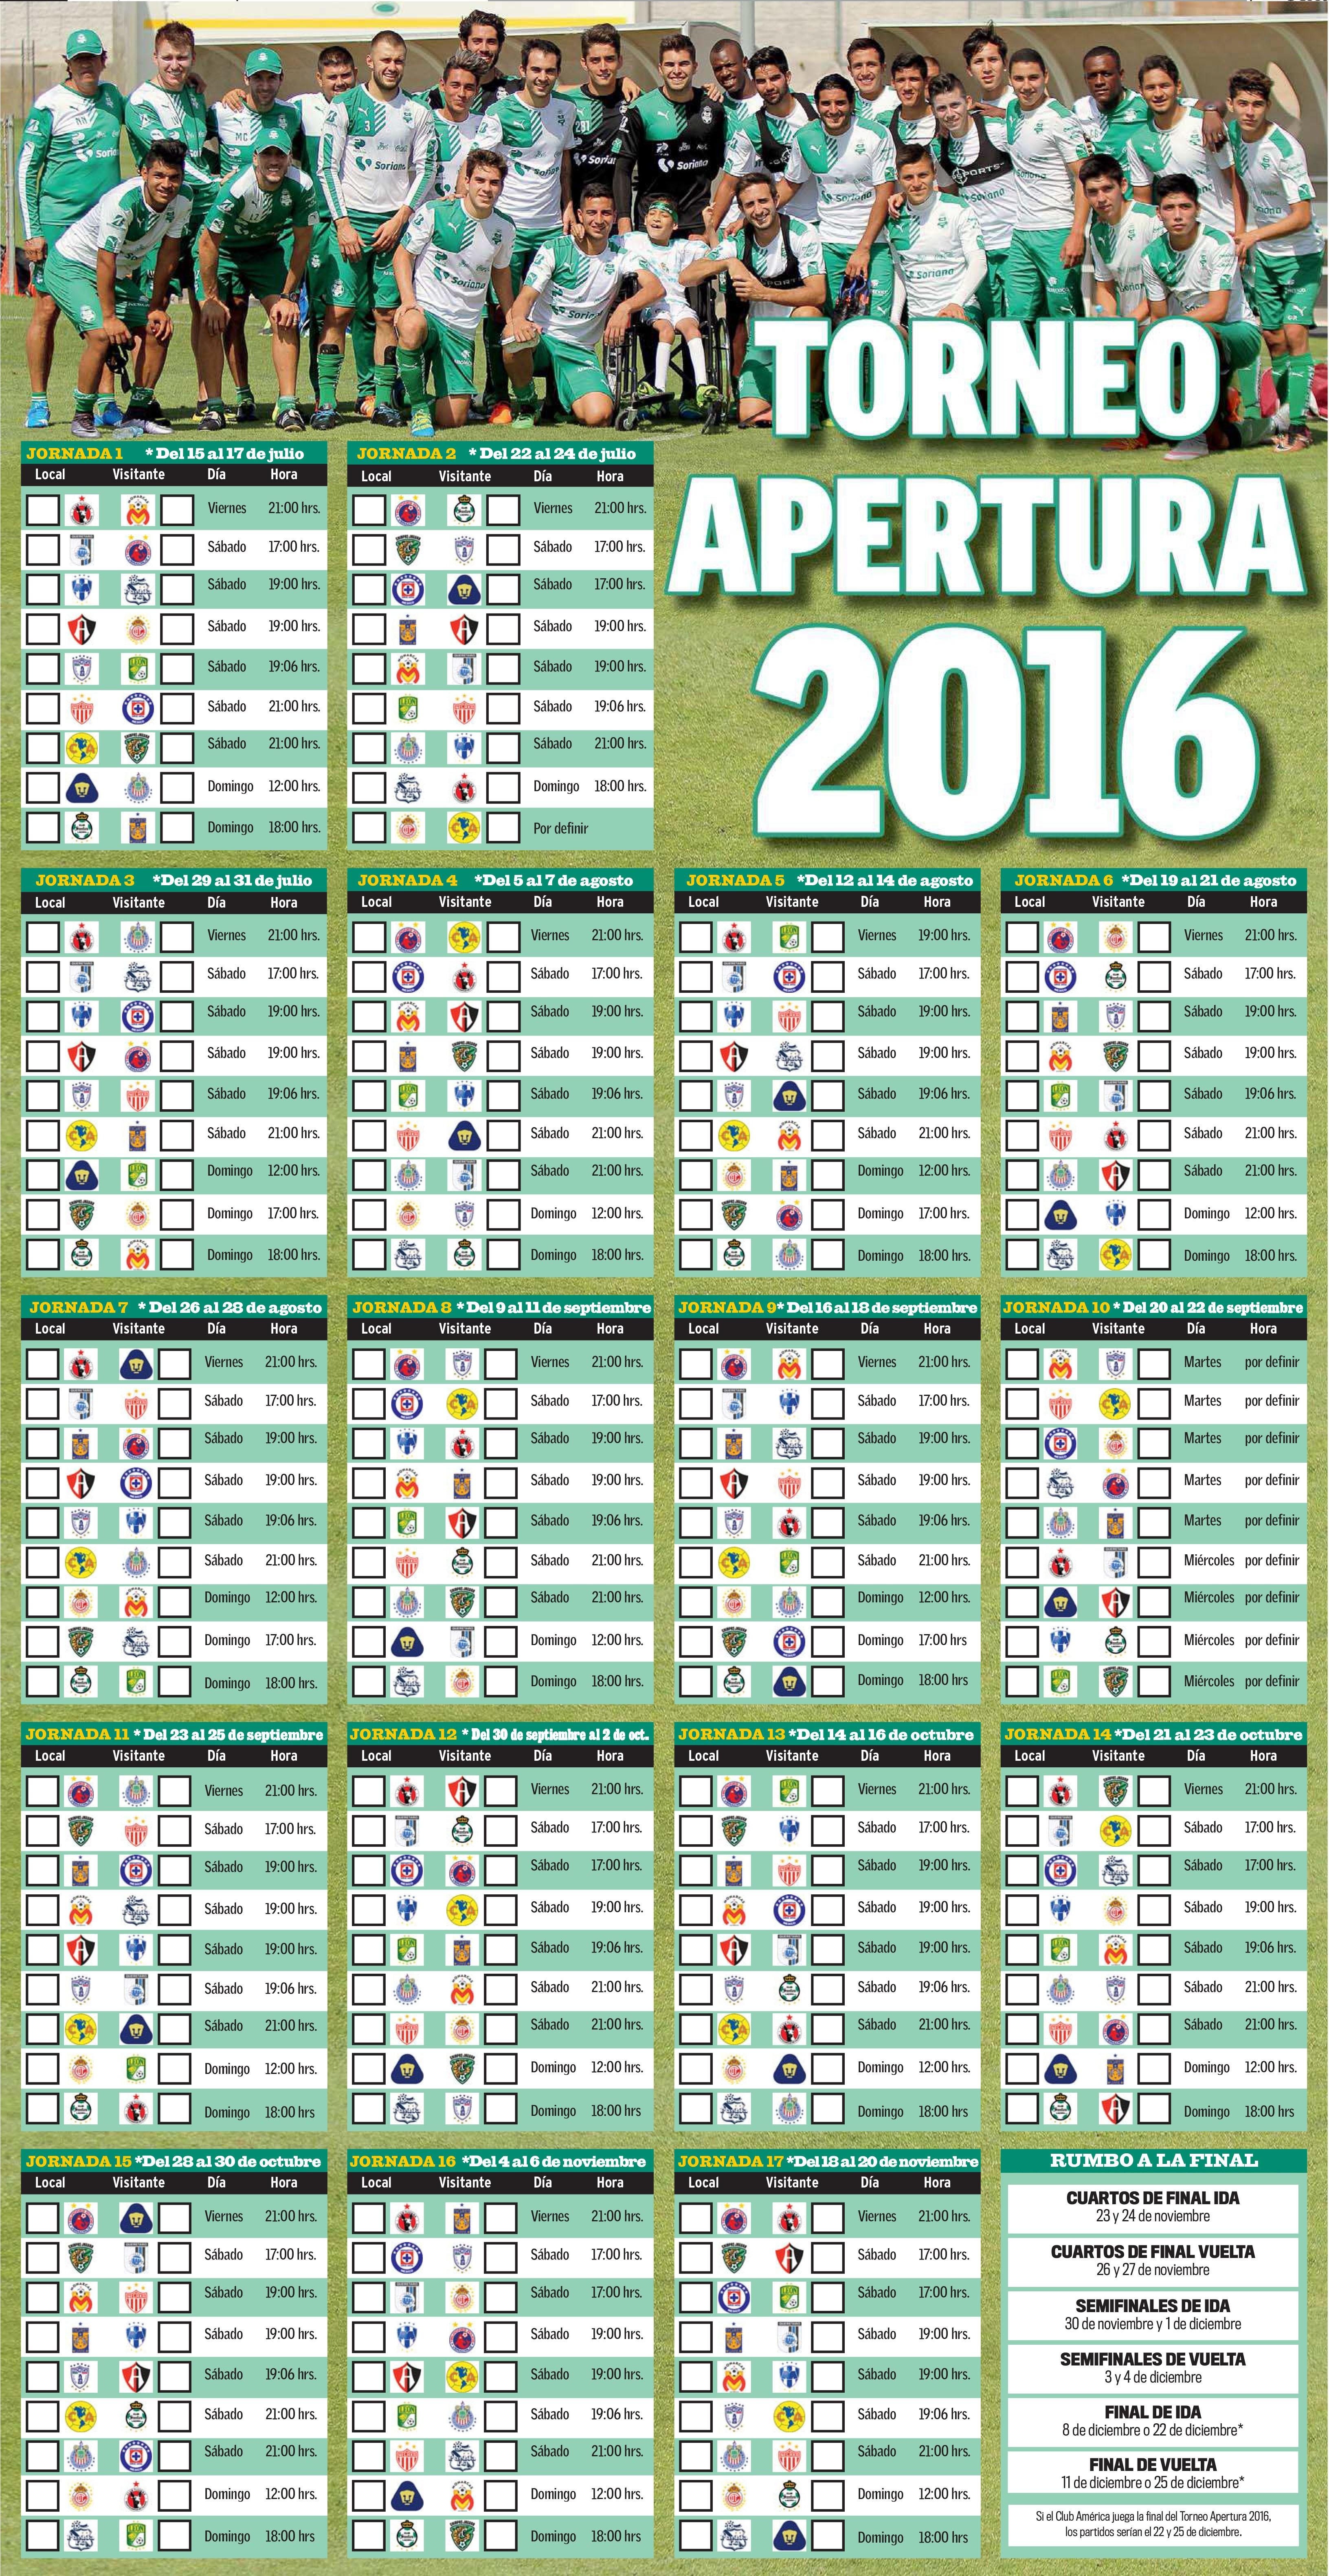 Calendario Escolar 2019 Durango Mejores Y Más Novedosos Calendario torneo Apertura 2016 El Siglo De torre³n Of Calendario Escolar 2019 Durango Más Recientes Calaméo Gara